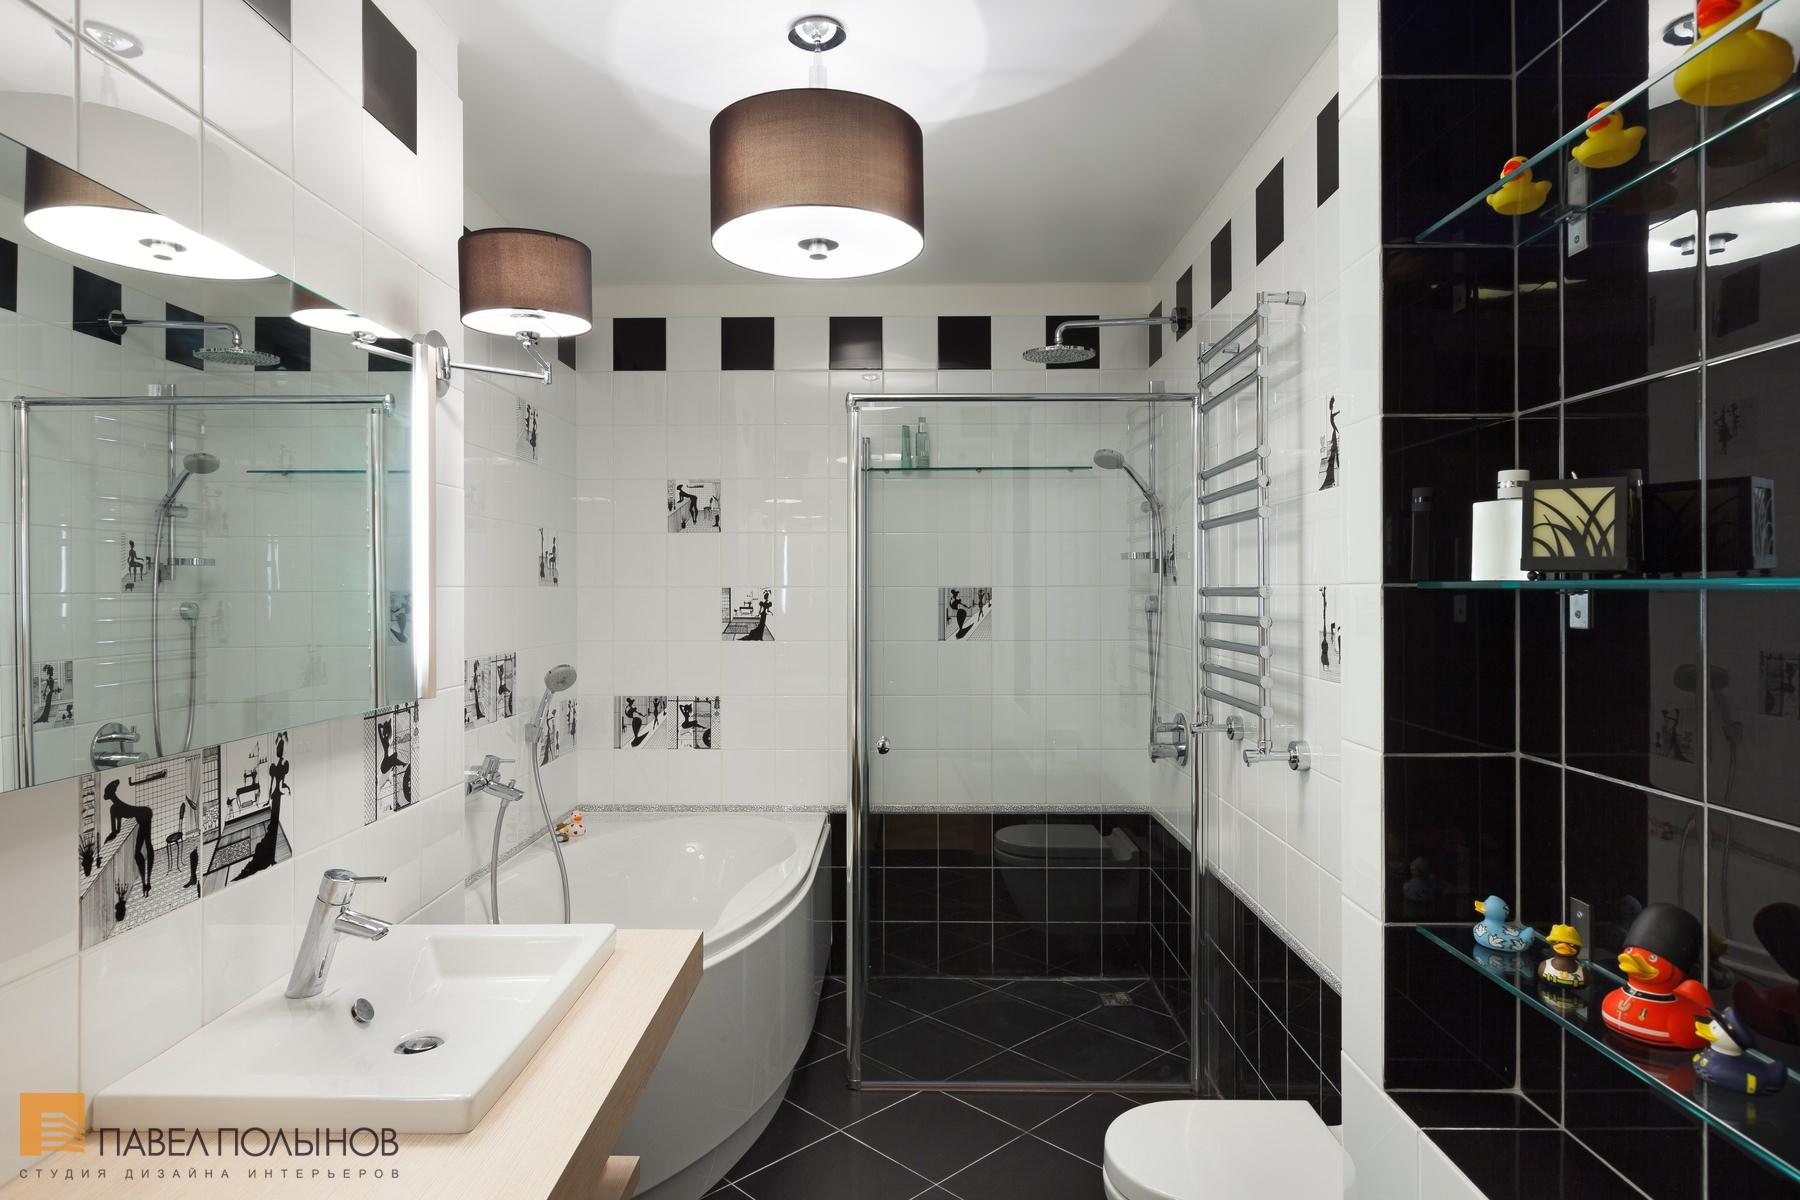 Дизайн плитки в ванной комнате в черно белых тонах